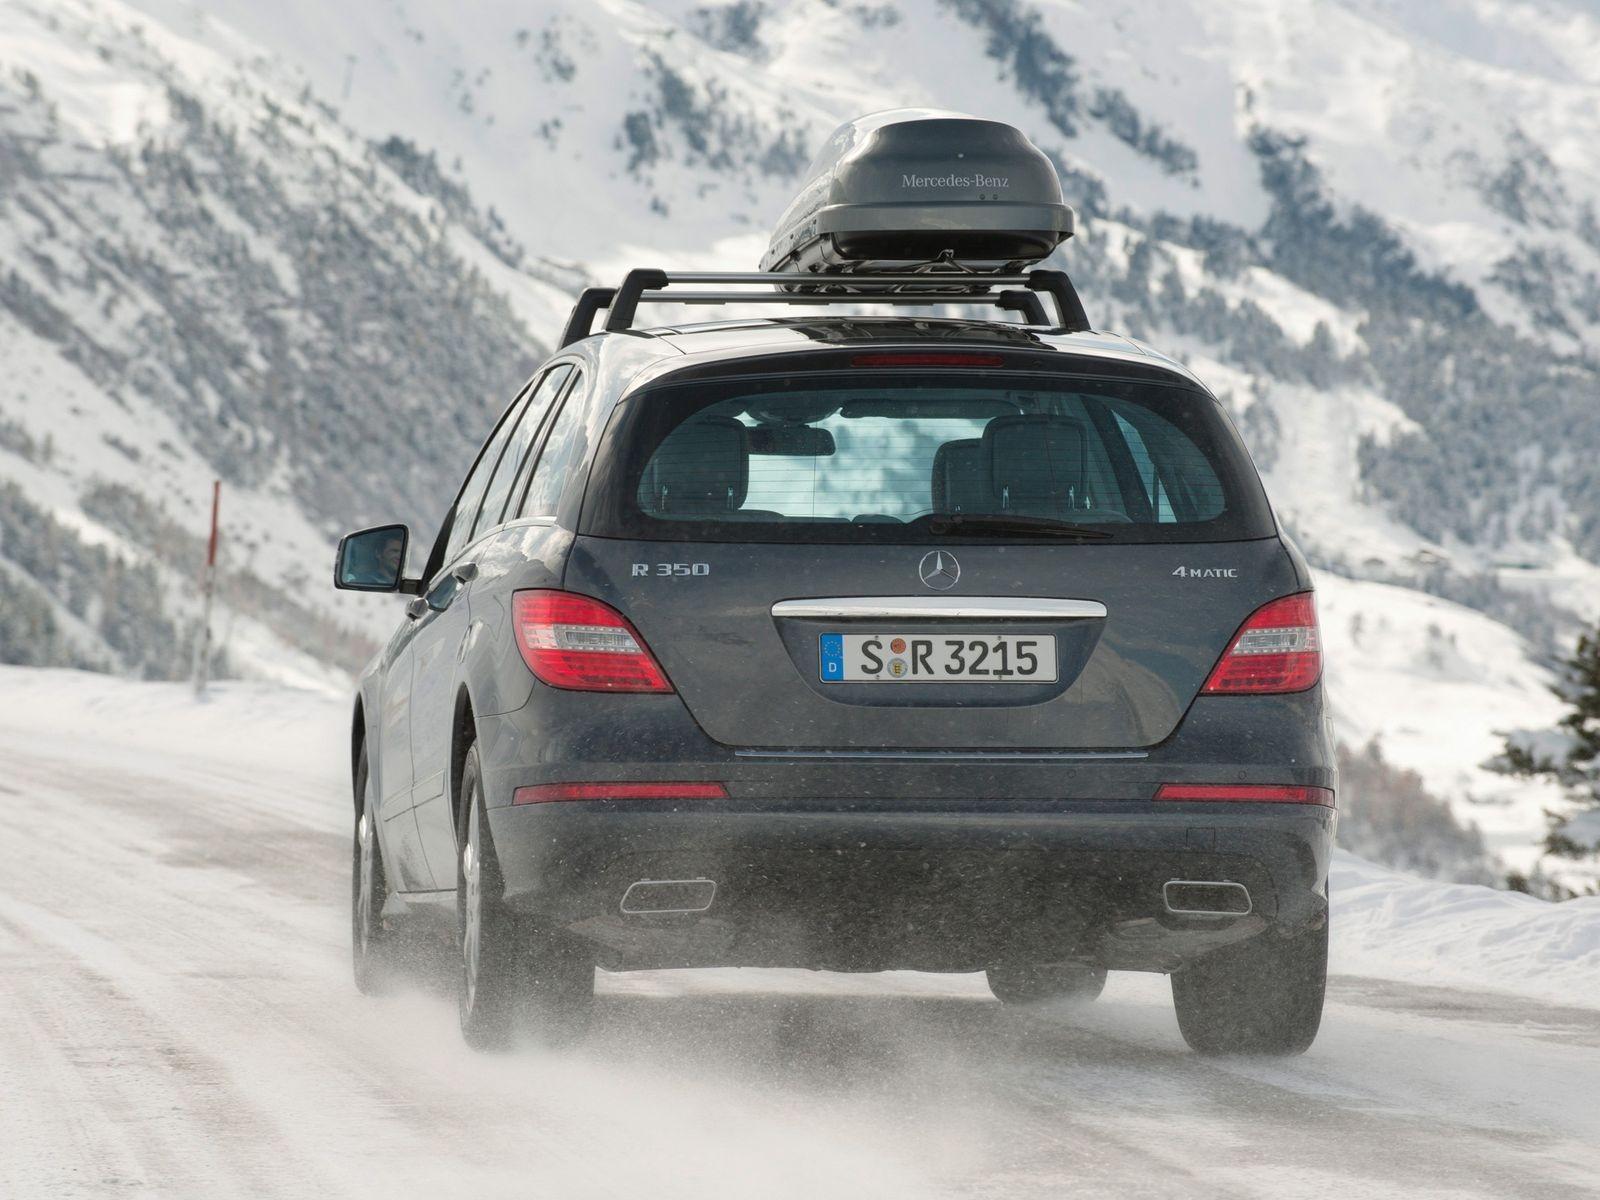 Почти GL, но на полмиллиона дешевле: стоит ли покупать Mercedes-Benz R-class за 1,2 миллиона